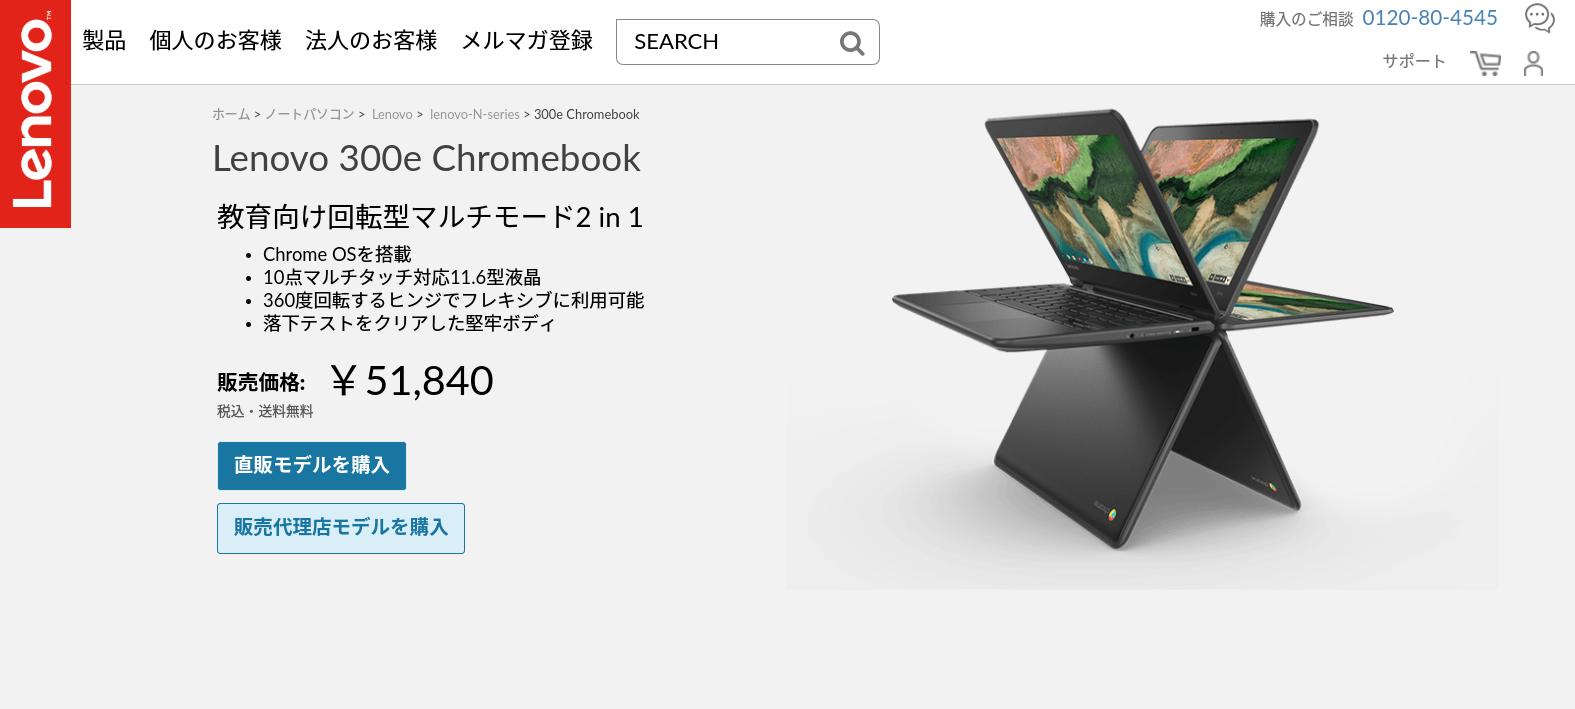 Lenovo 300e Chromebook | 教育向け回転型マルチモード2 in 1 | レノボジャパン